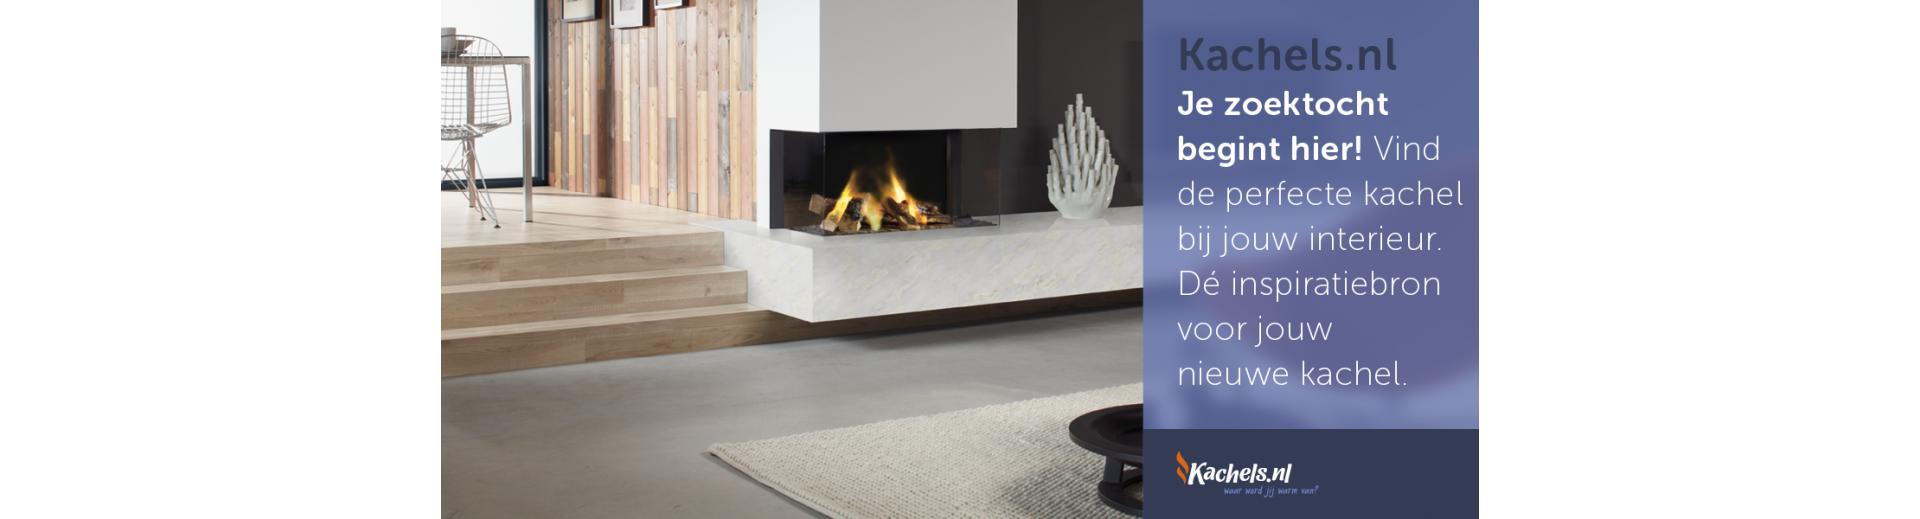 Kachel.nl